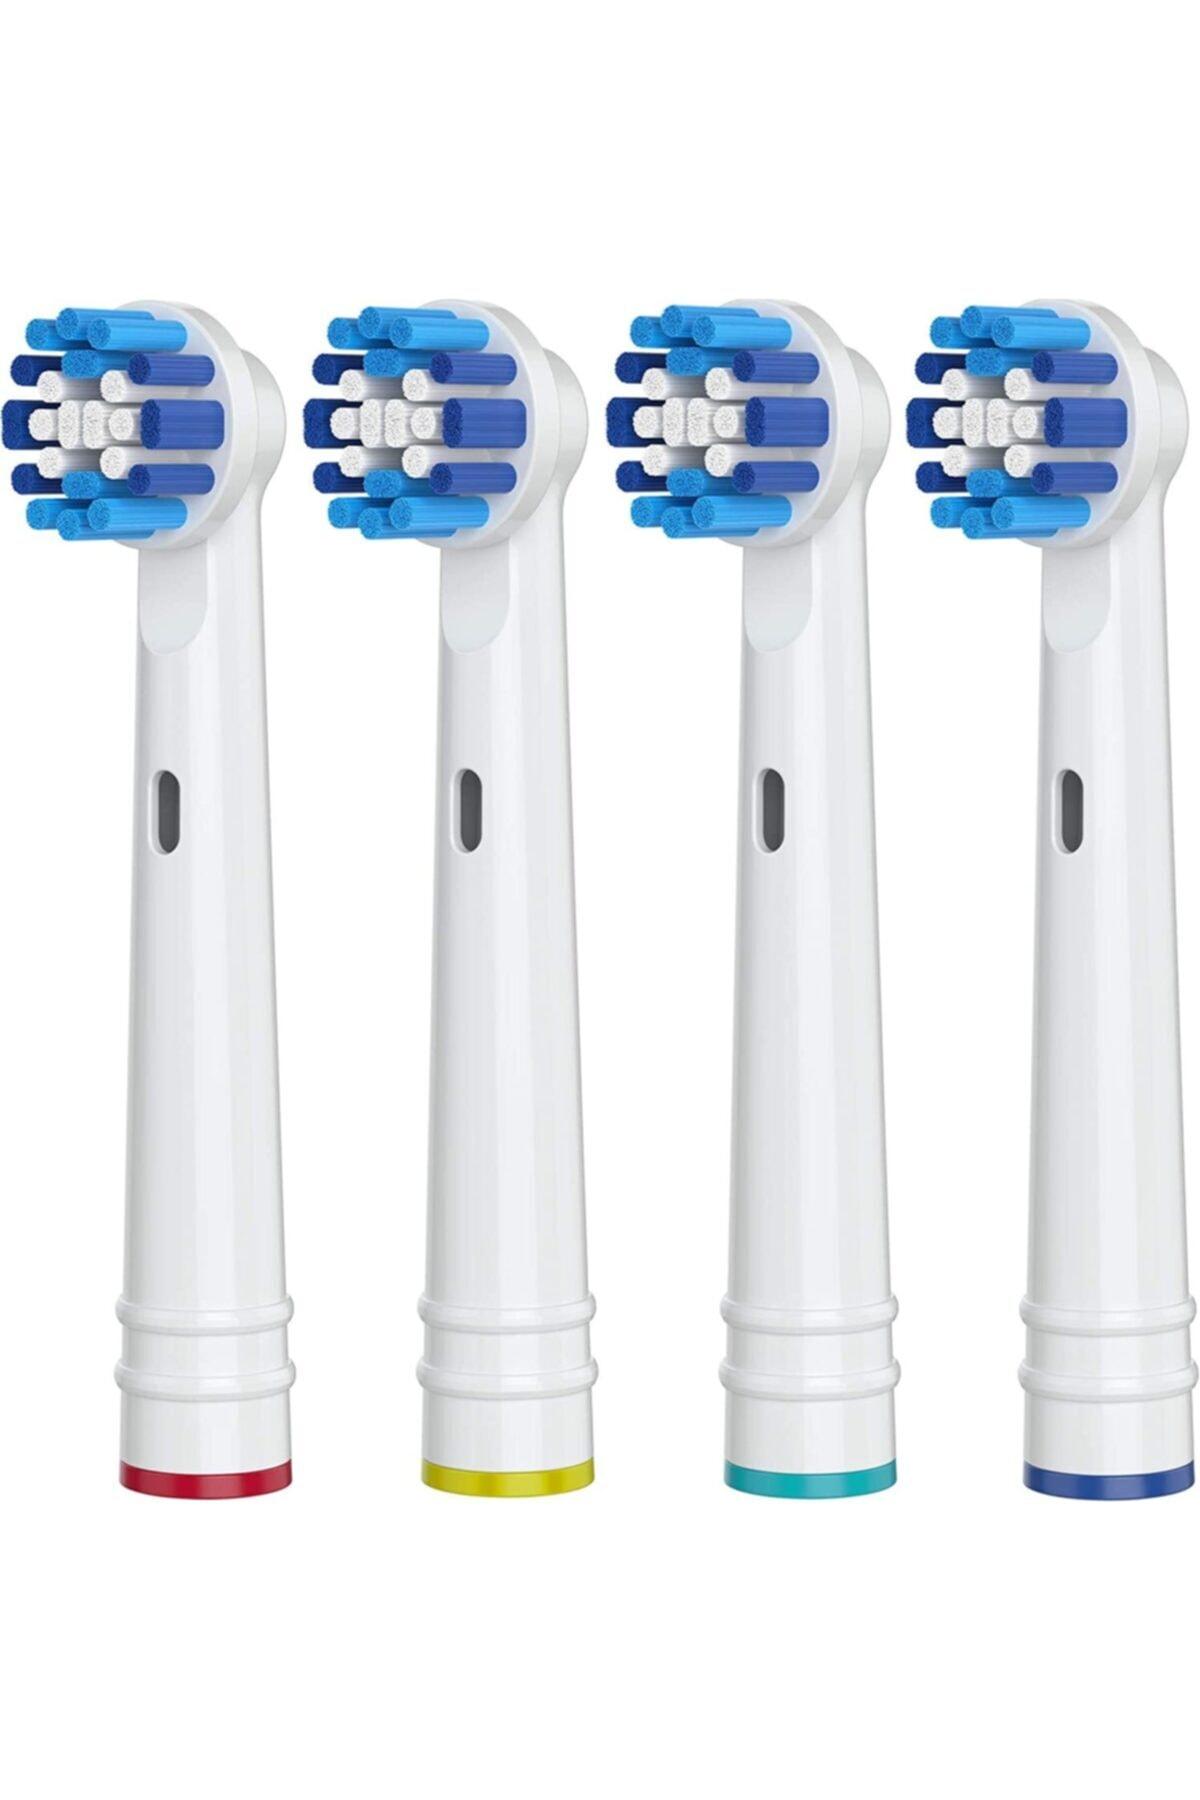 Yedek Diş Fırçası Kafaları